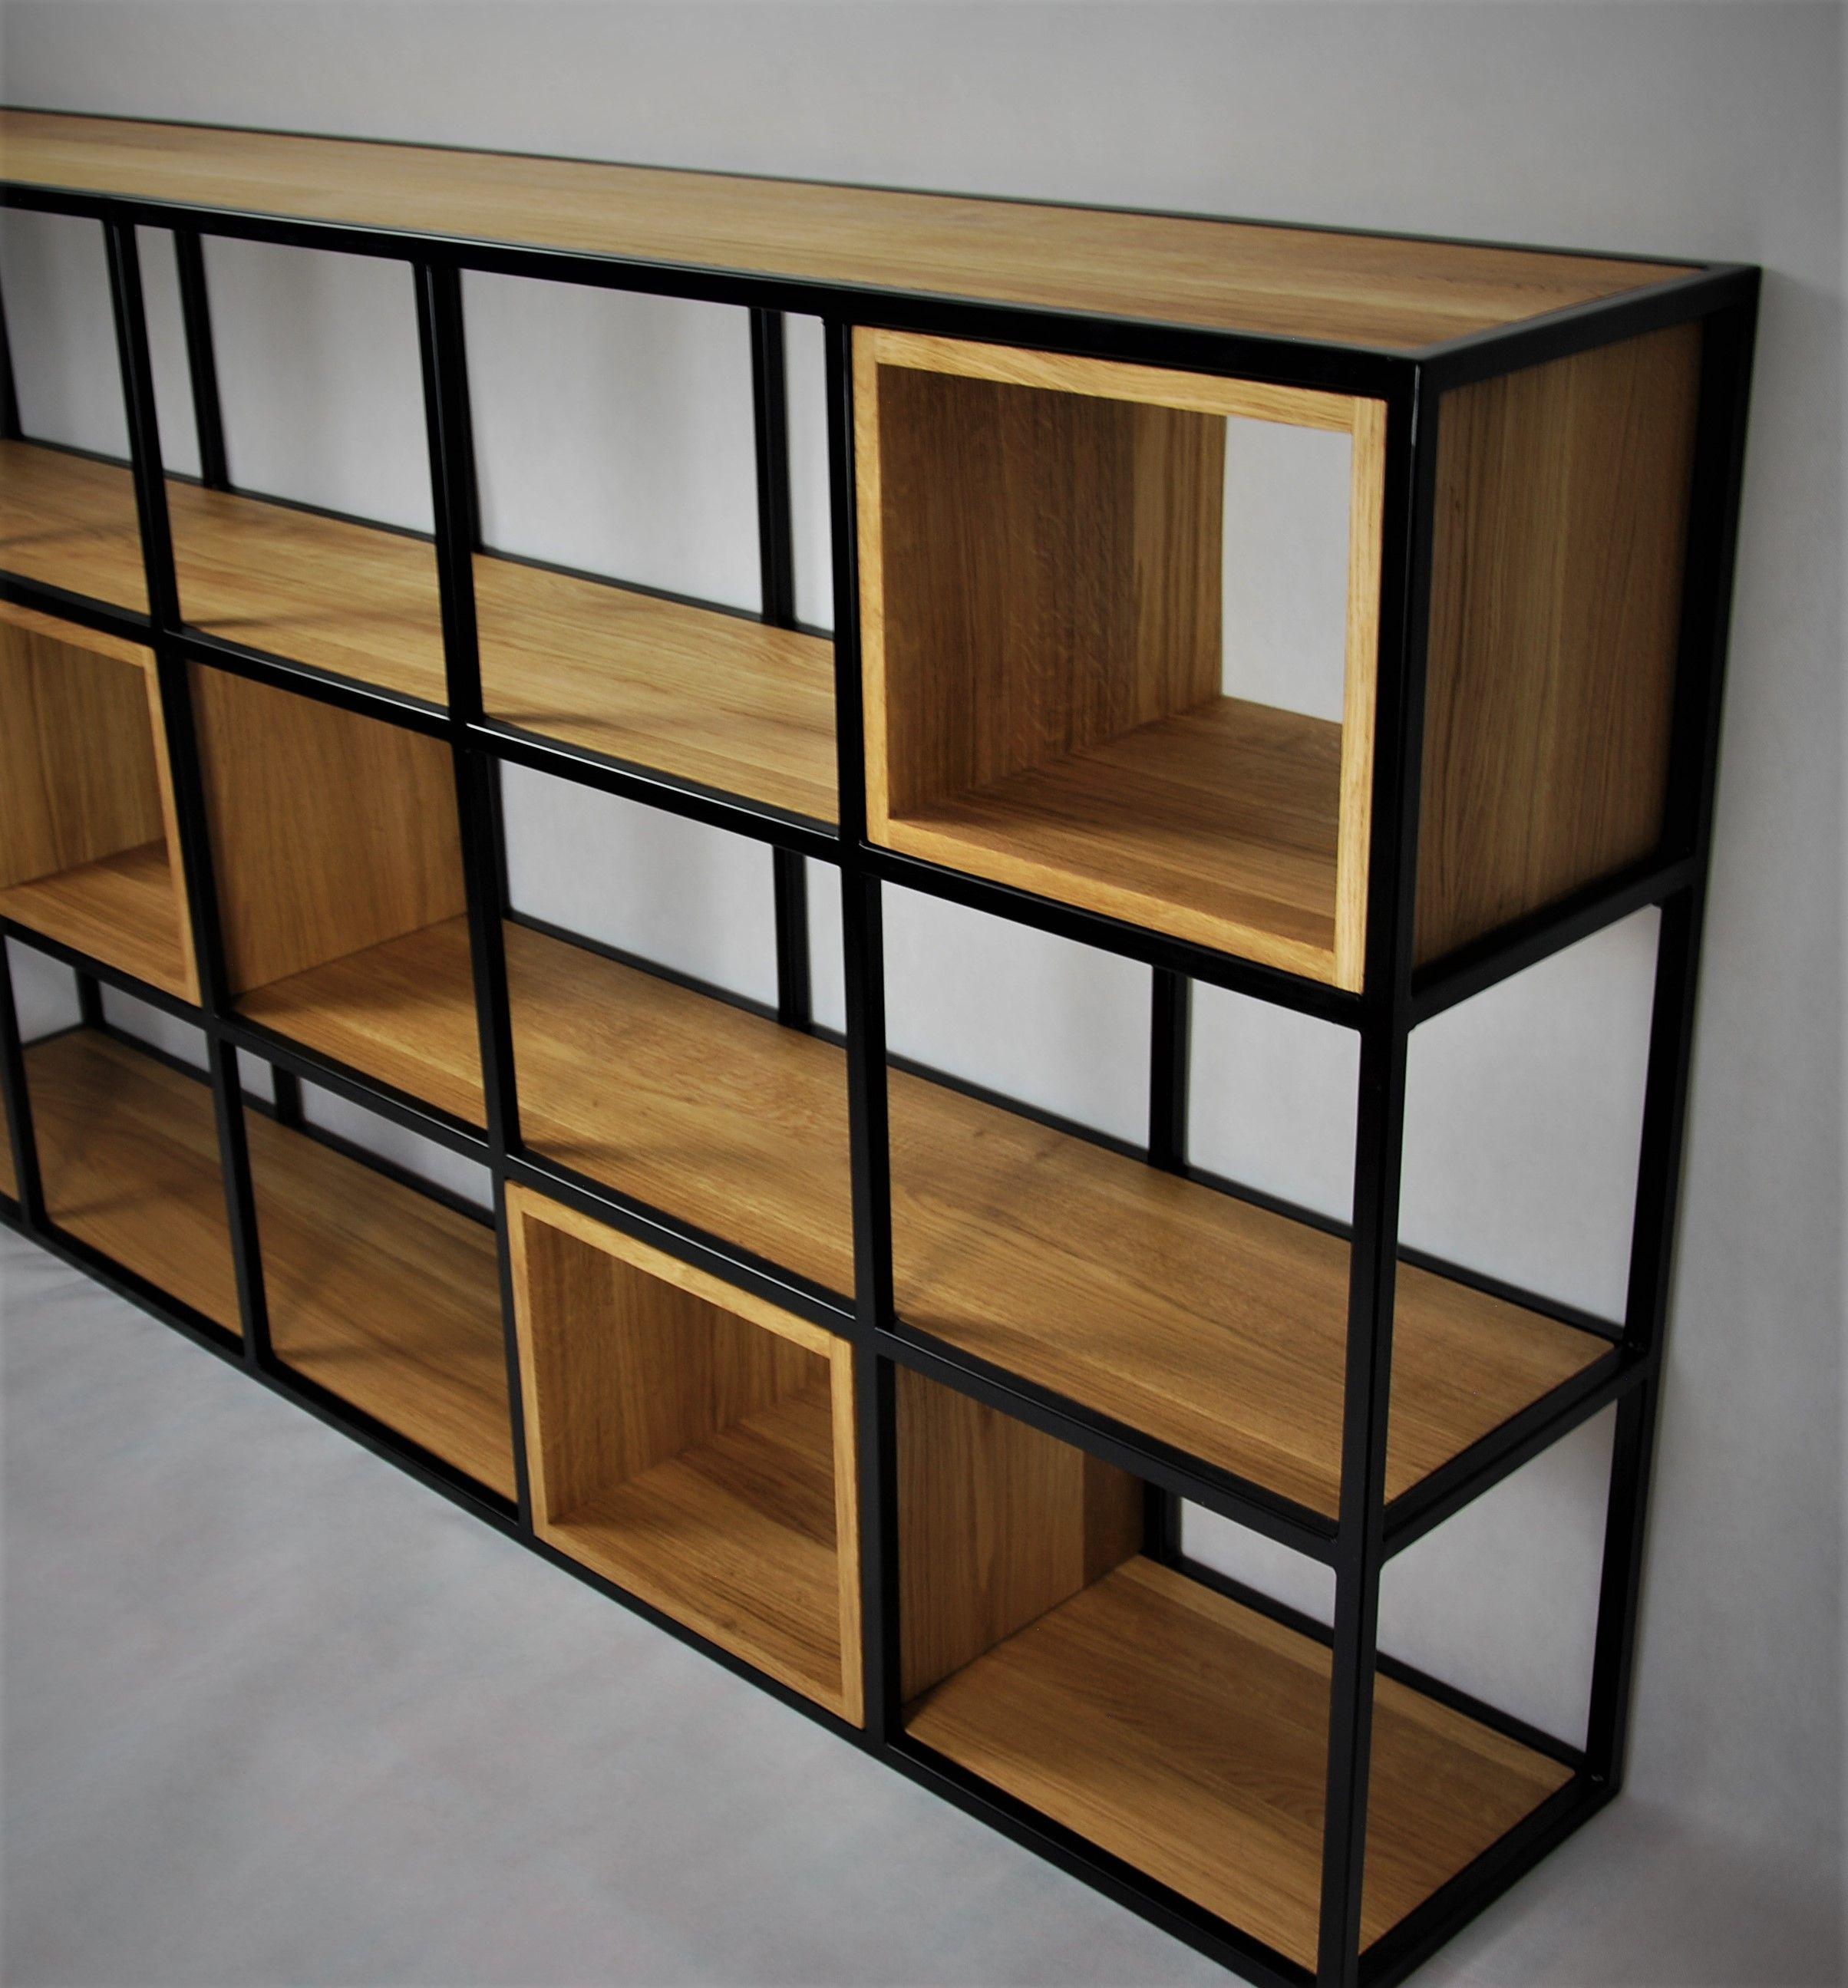 Regal Ze Skrzynek I Stali Woode Sign Regaly Room Diy Room Inspiration Home Decor